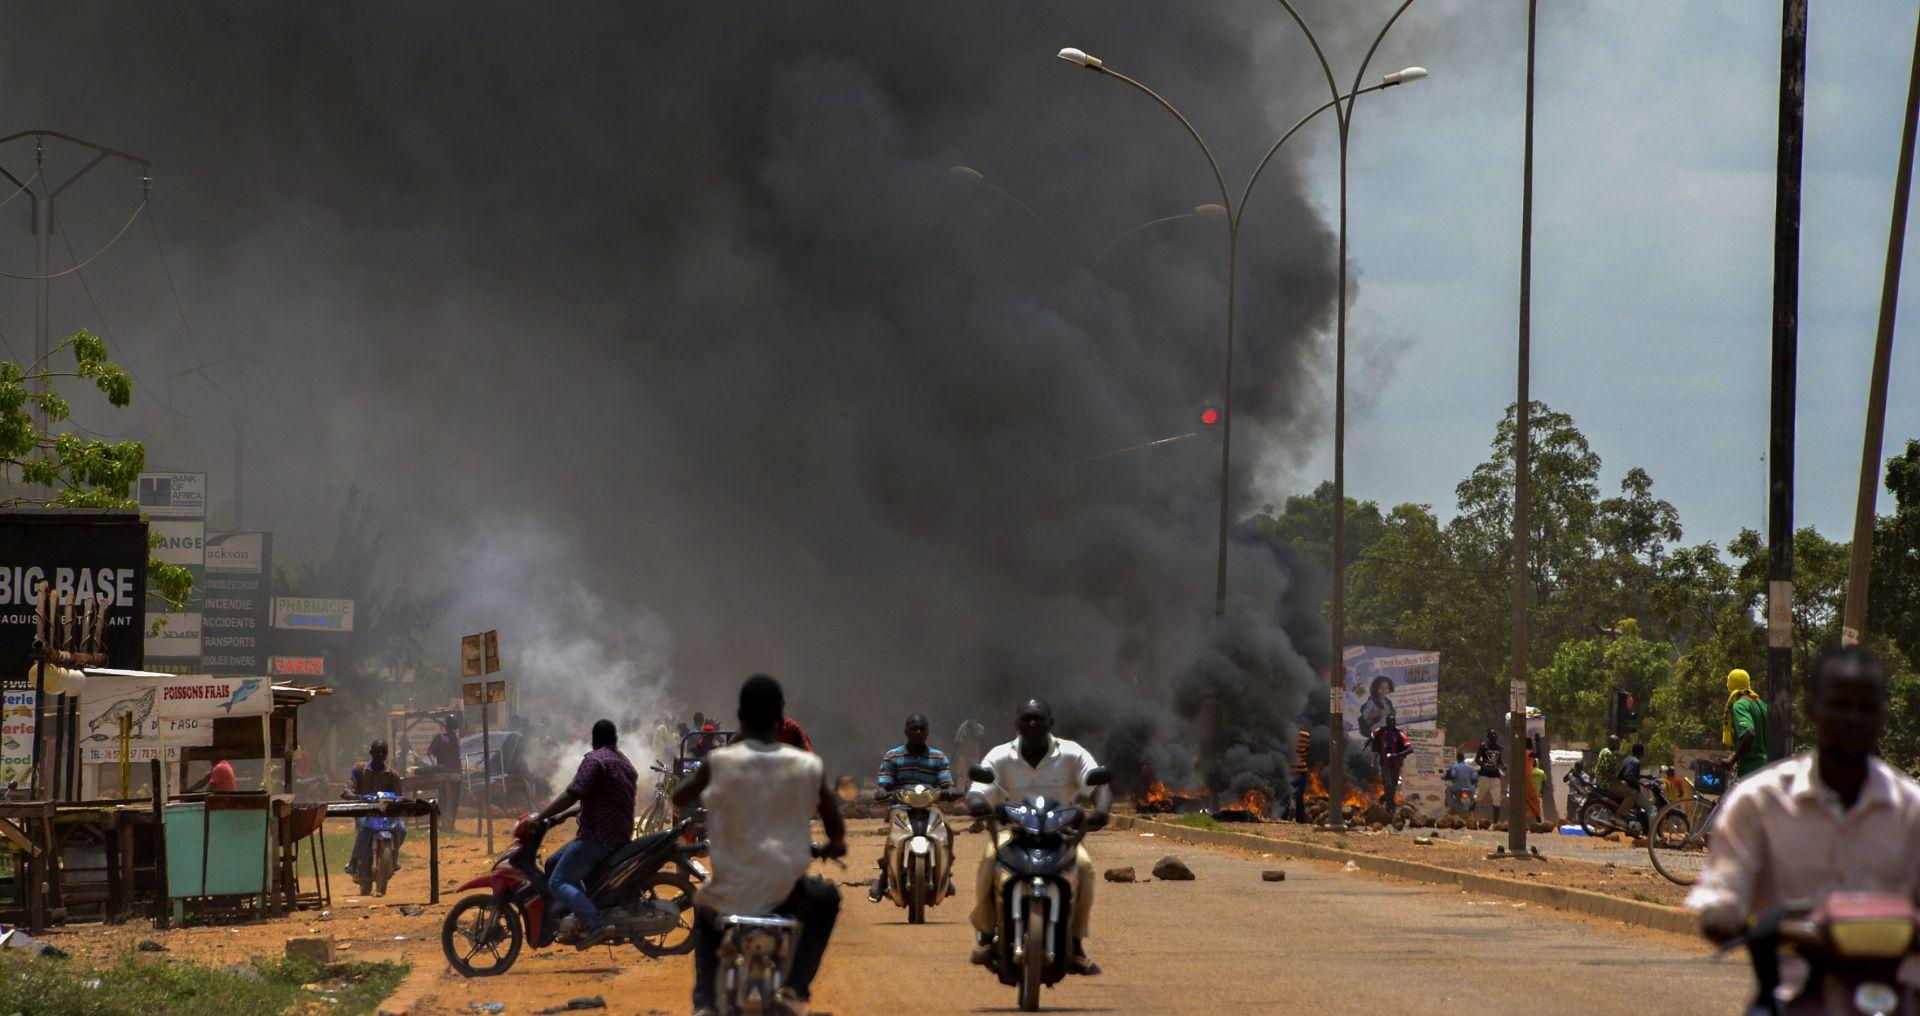 BURKINA FASO Vojska maršira prema glavnom gradu, traže razoružanje vođa državnog udara